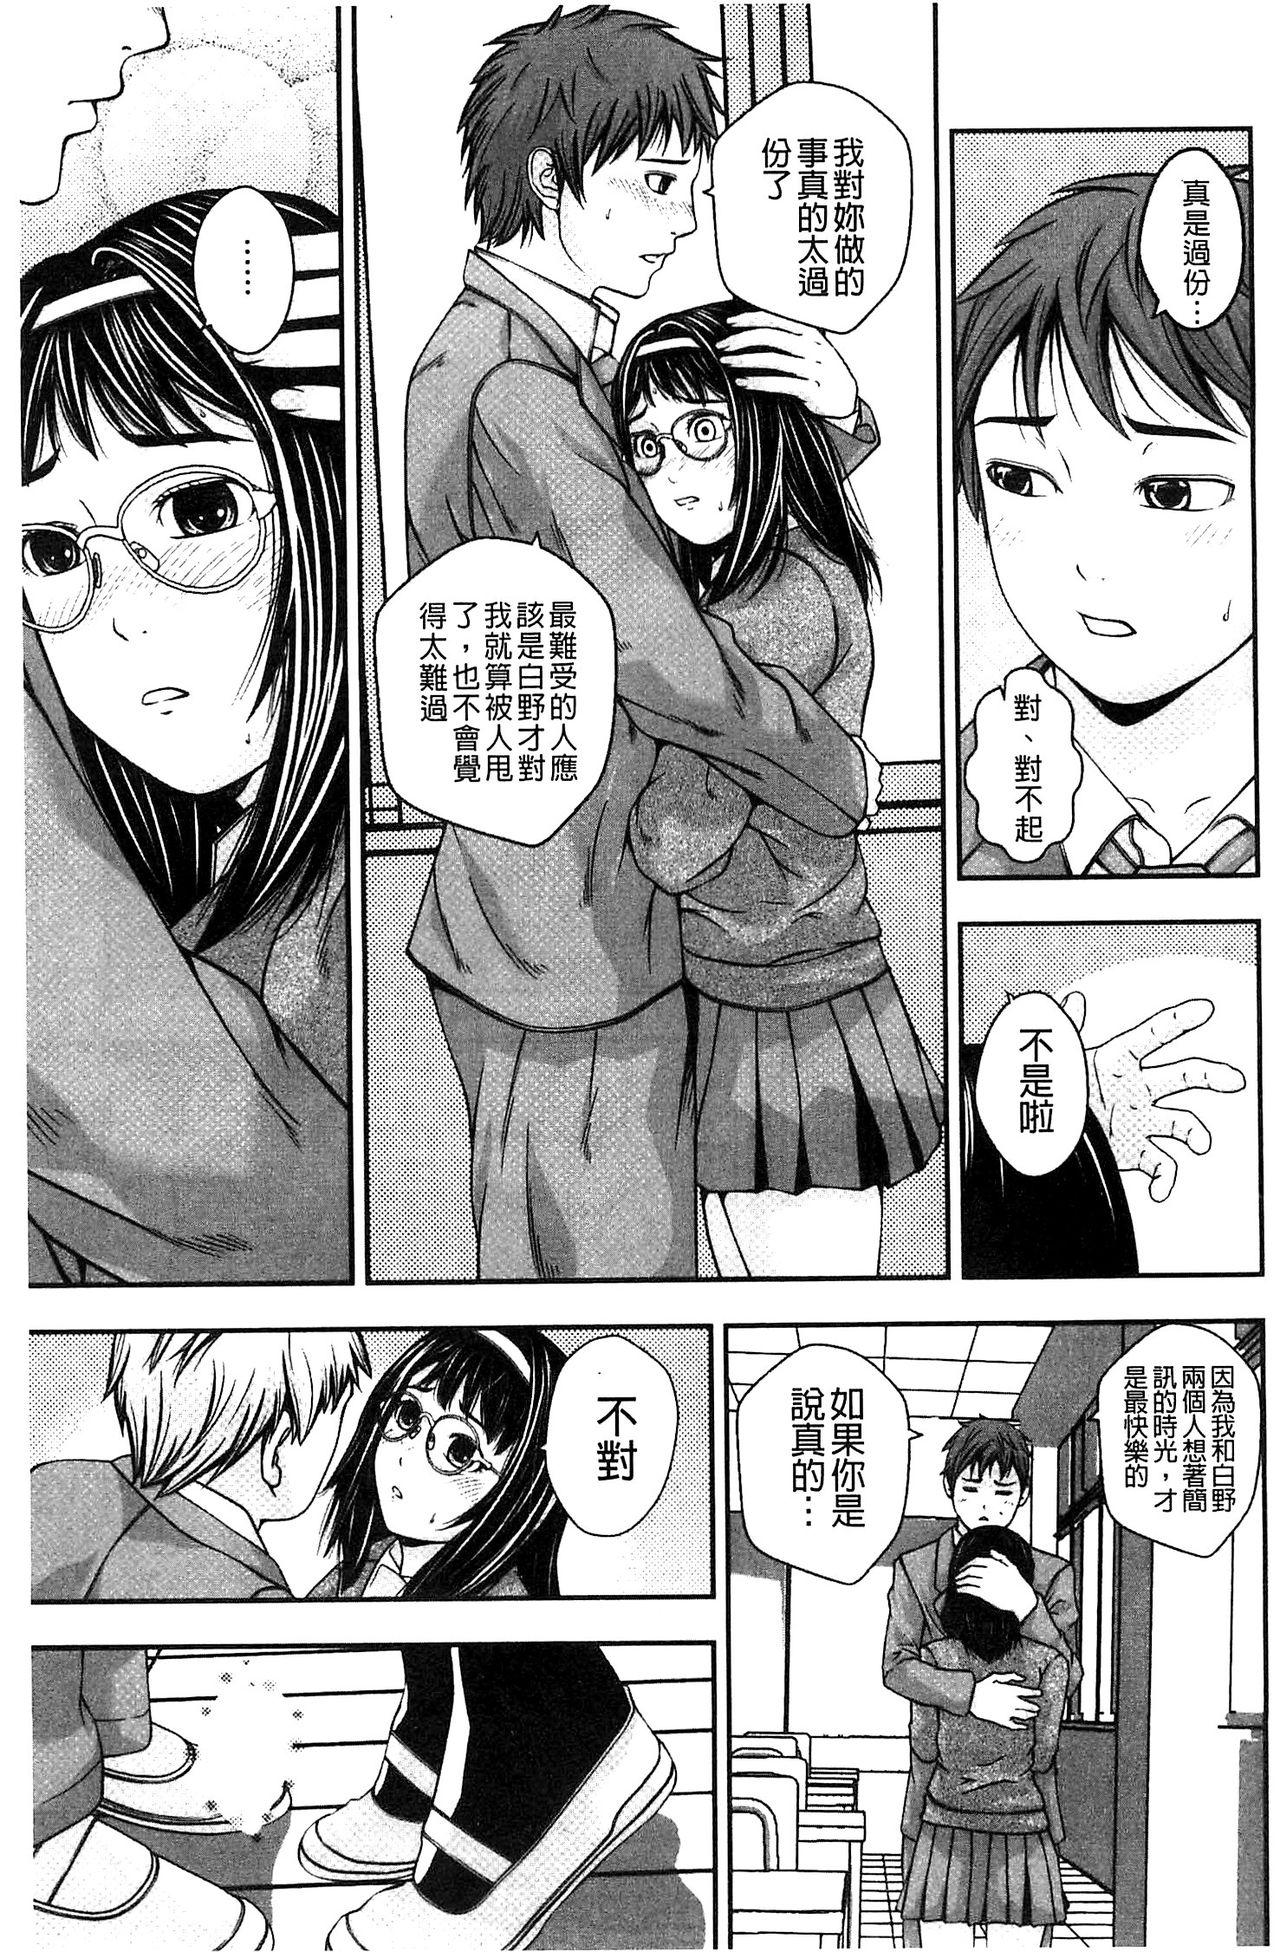 Koijirushi Love Milk | 戀印愛慾鮮乳 64